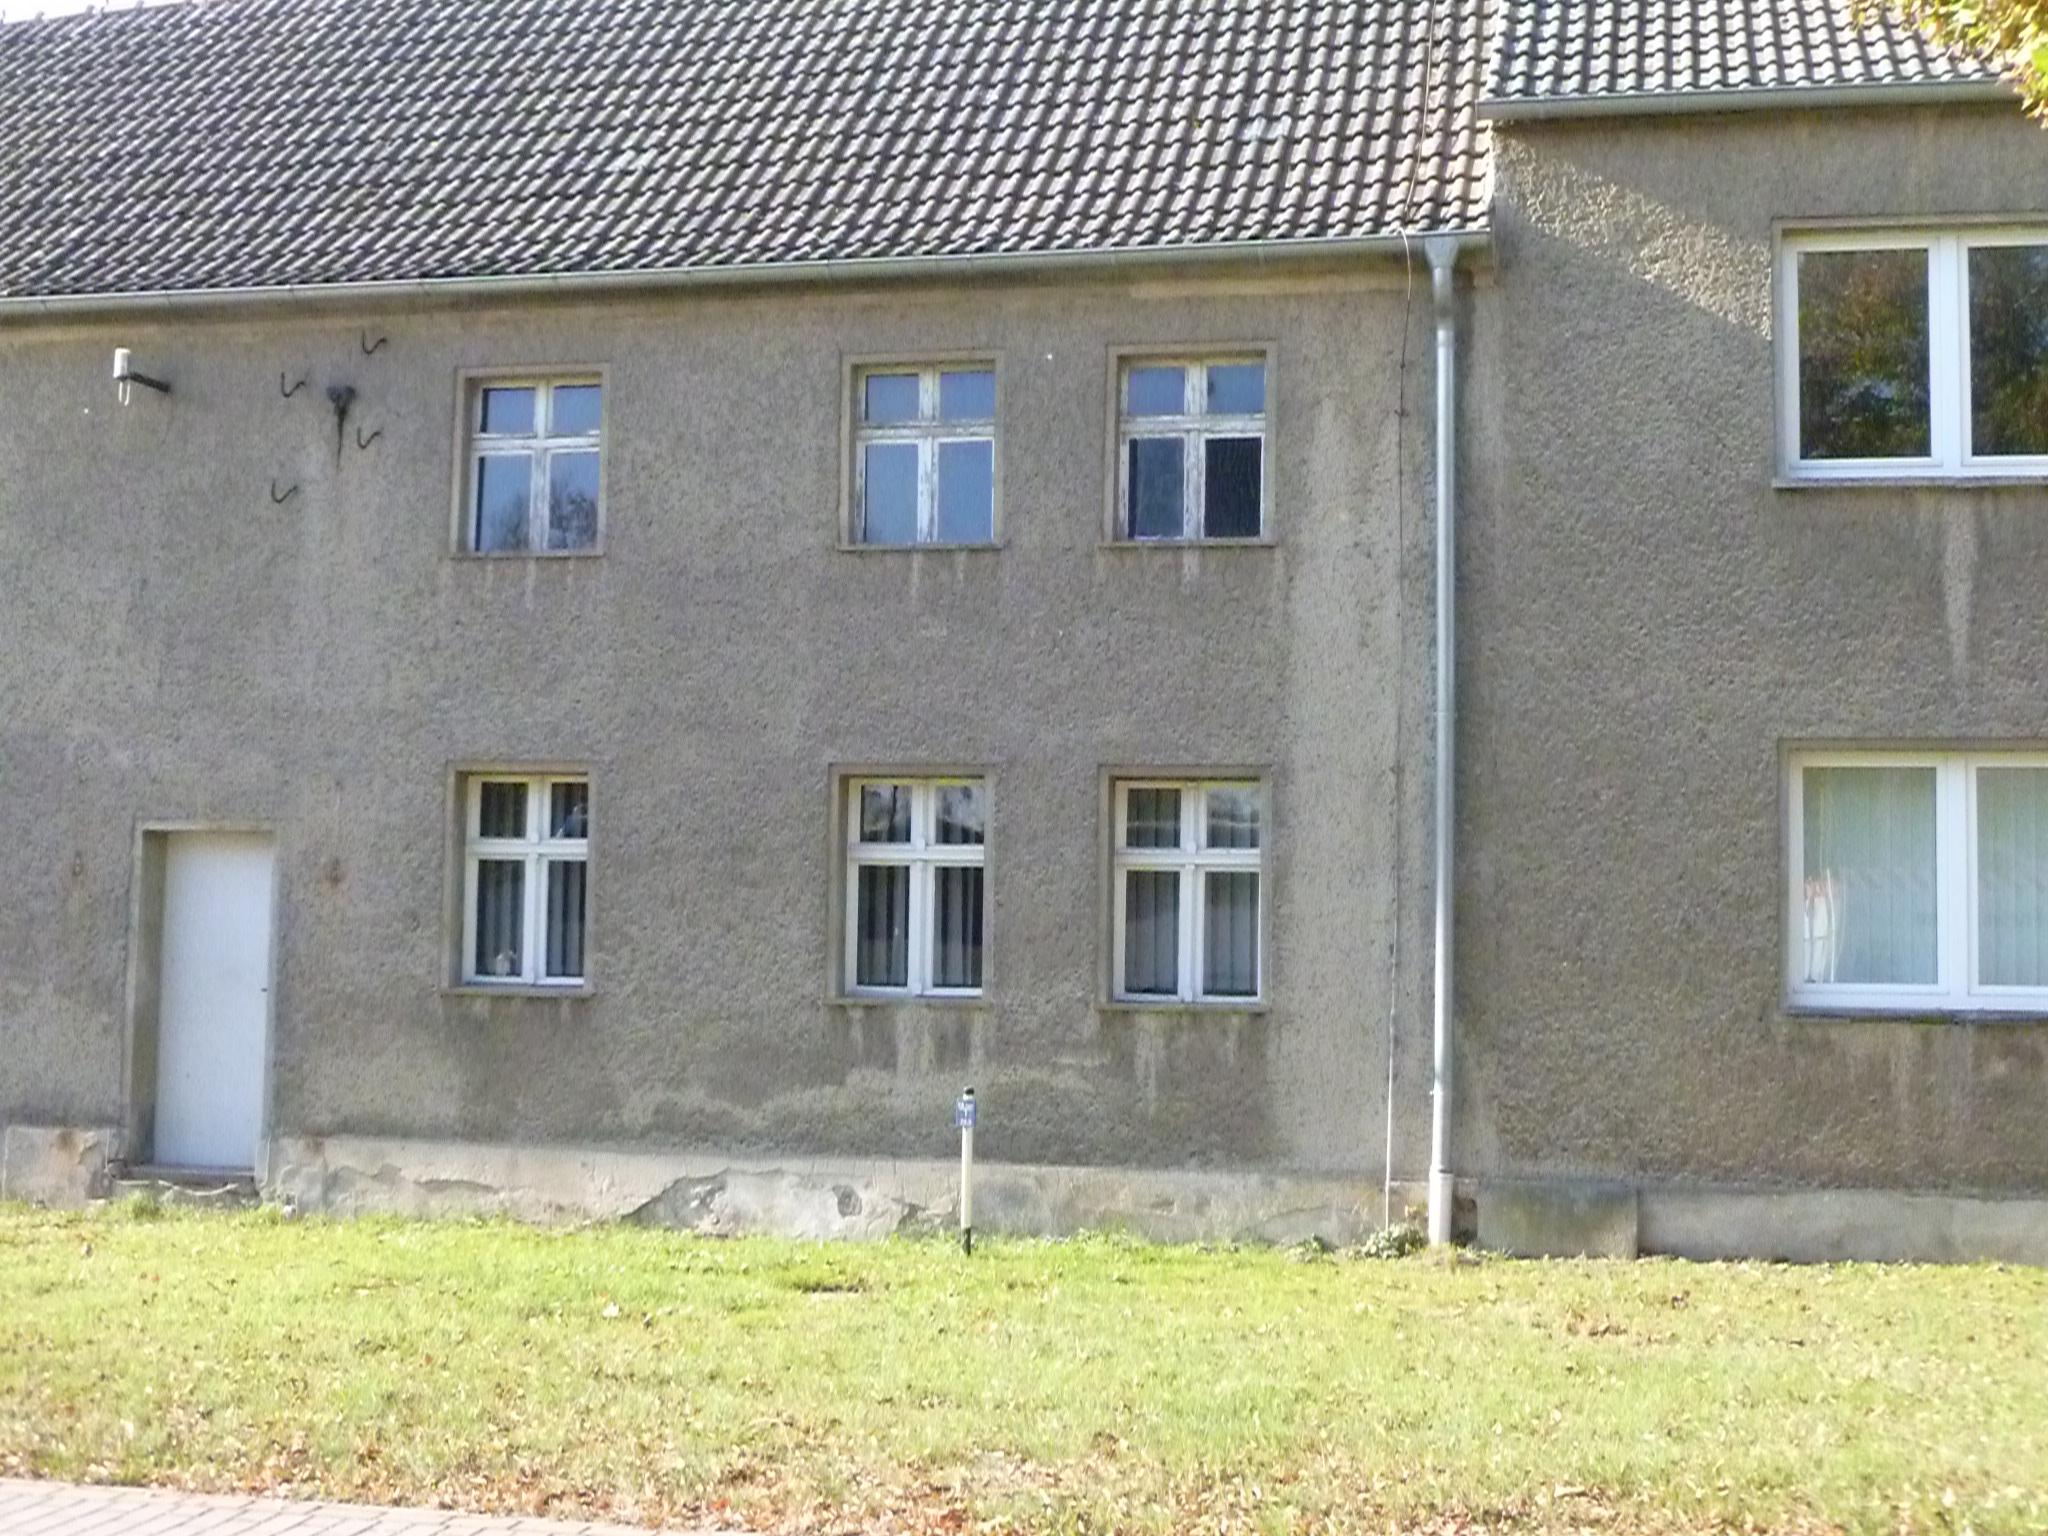 Großzügig Ein Haus Verdrahten Zeitgenössisch - Elektrische ...